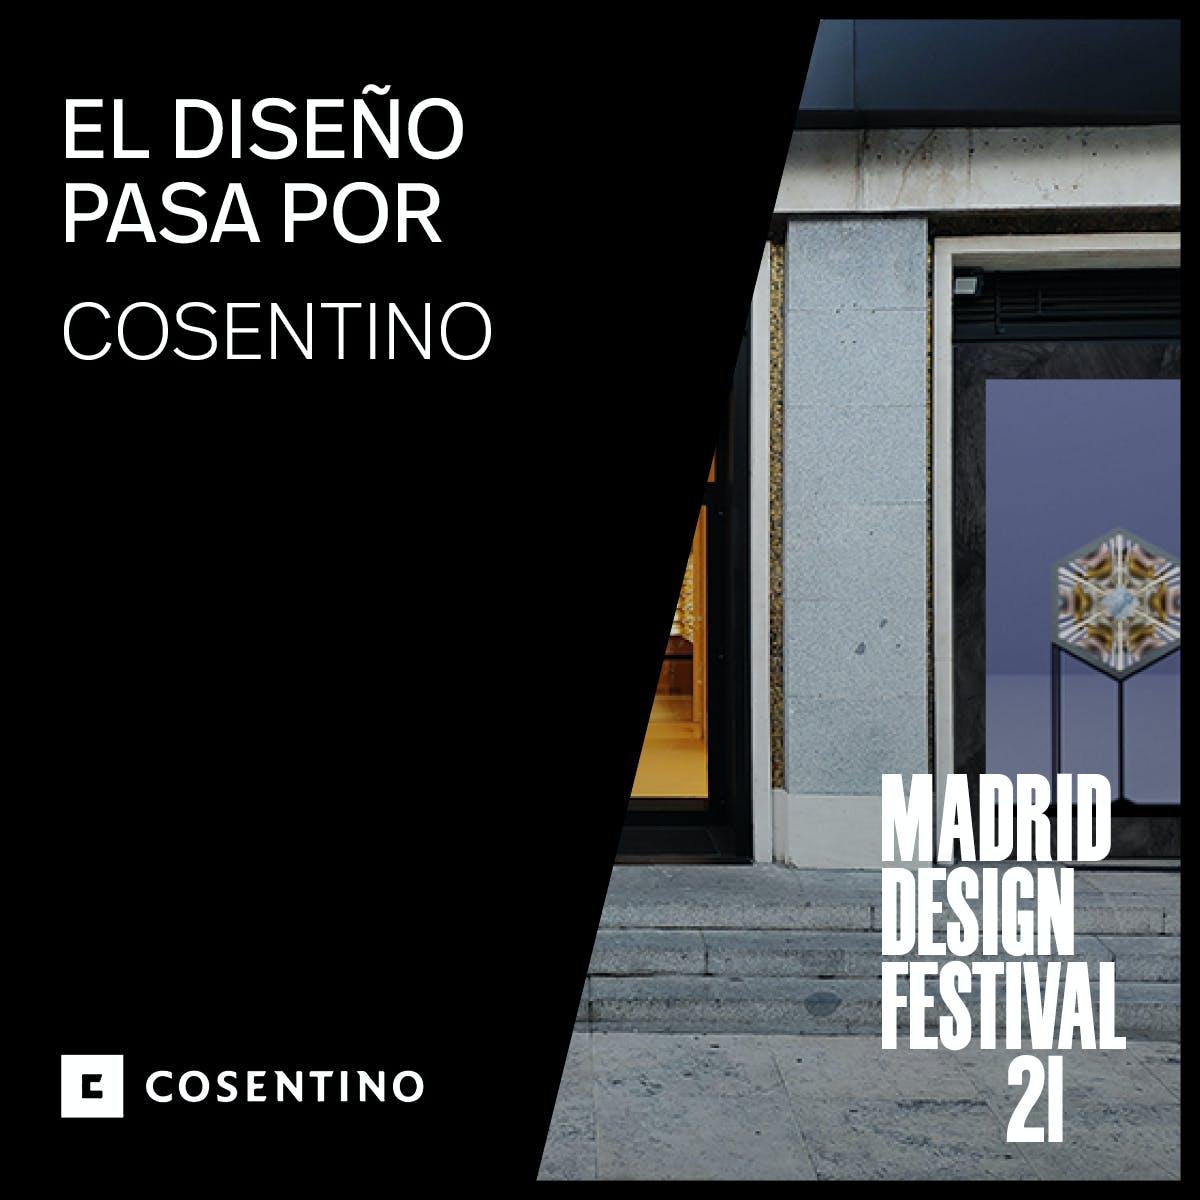 Image of MDPartner COSENTINO1 1 5 in Cosentino at the Madrid Design Festival 2021 - Cosentino